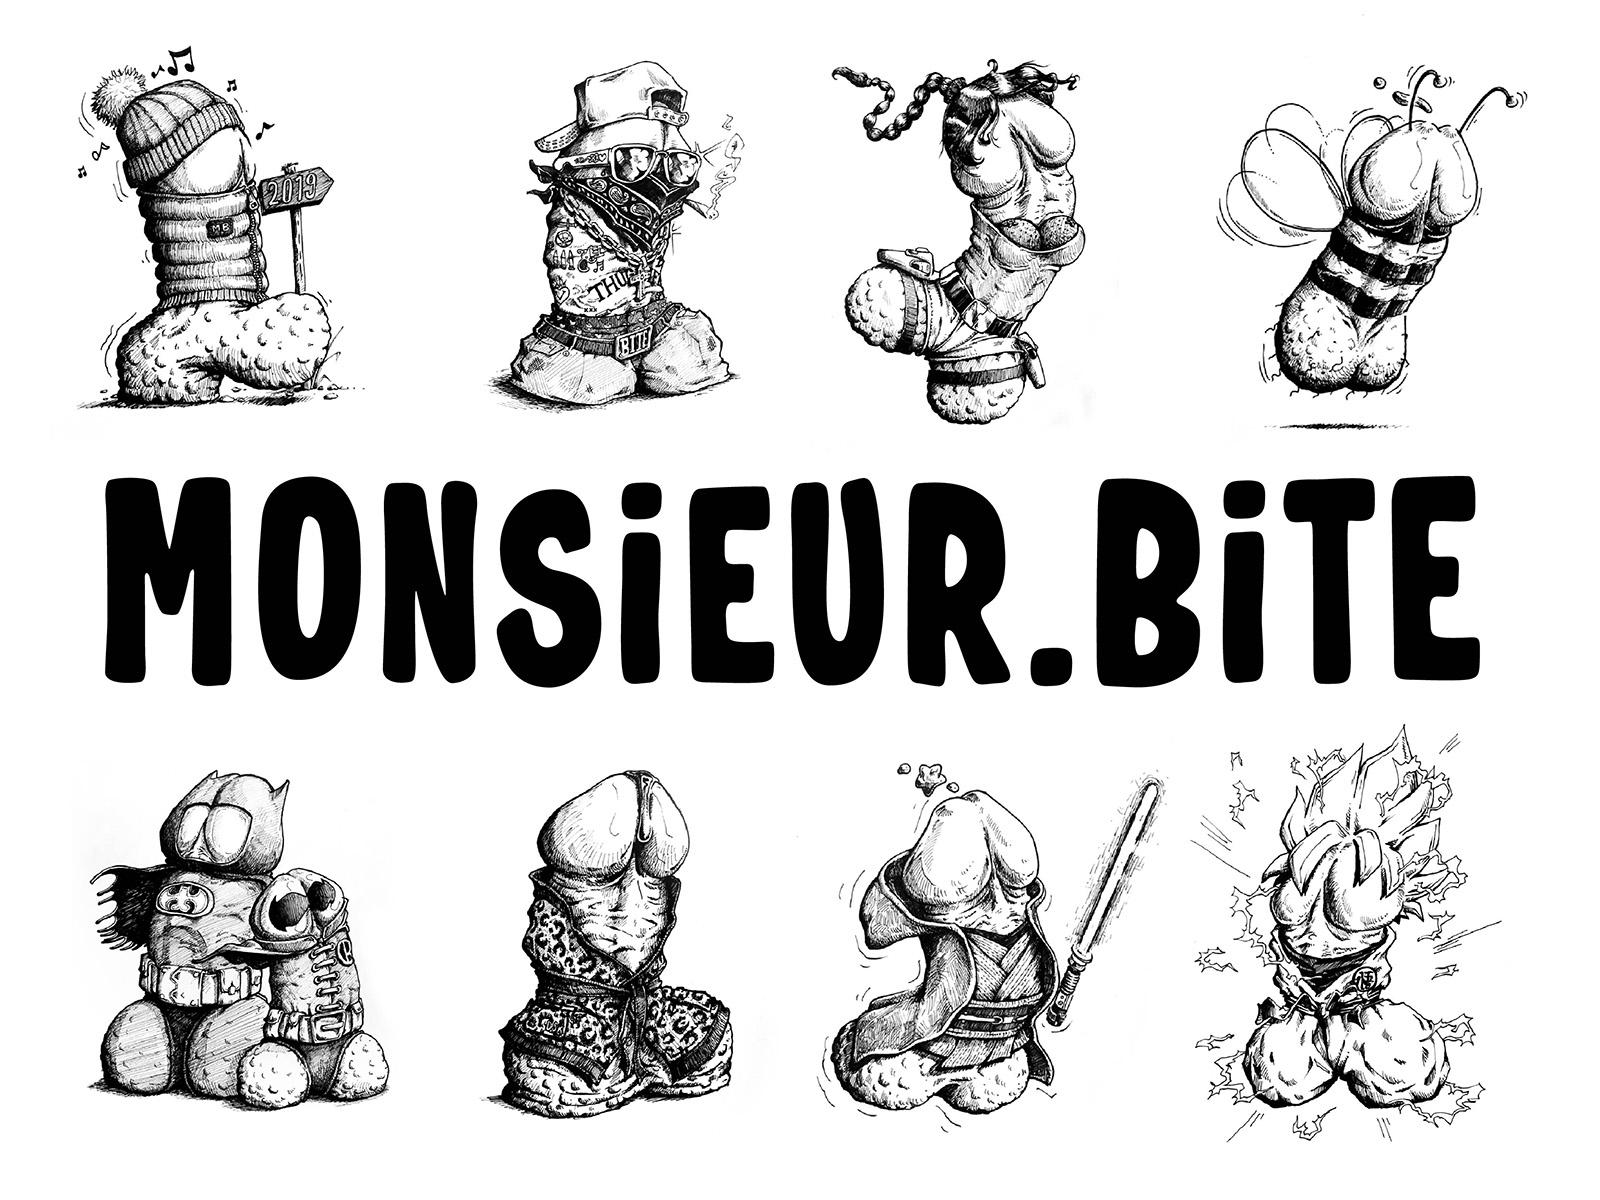 Un collectionneur d'art a envoyé un billet rare pour que le dessinateur propose une œuvre orginale. ©Monsieur Bite